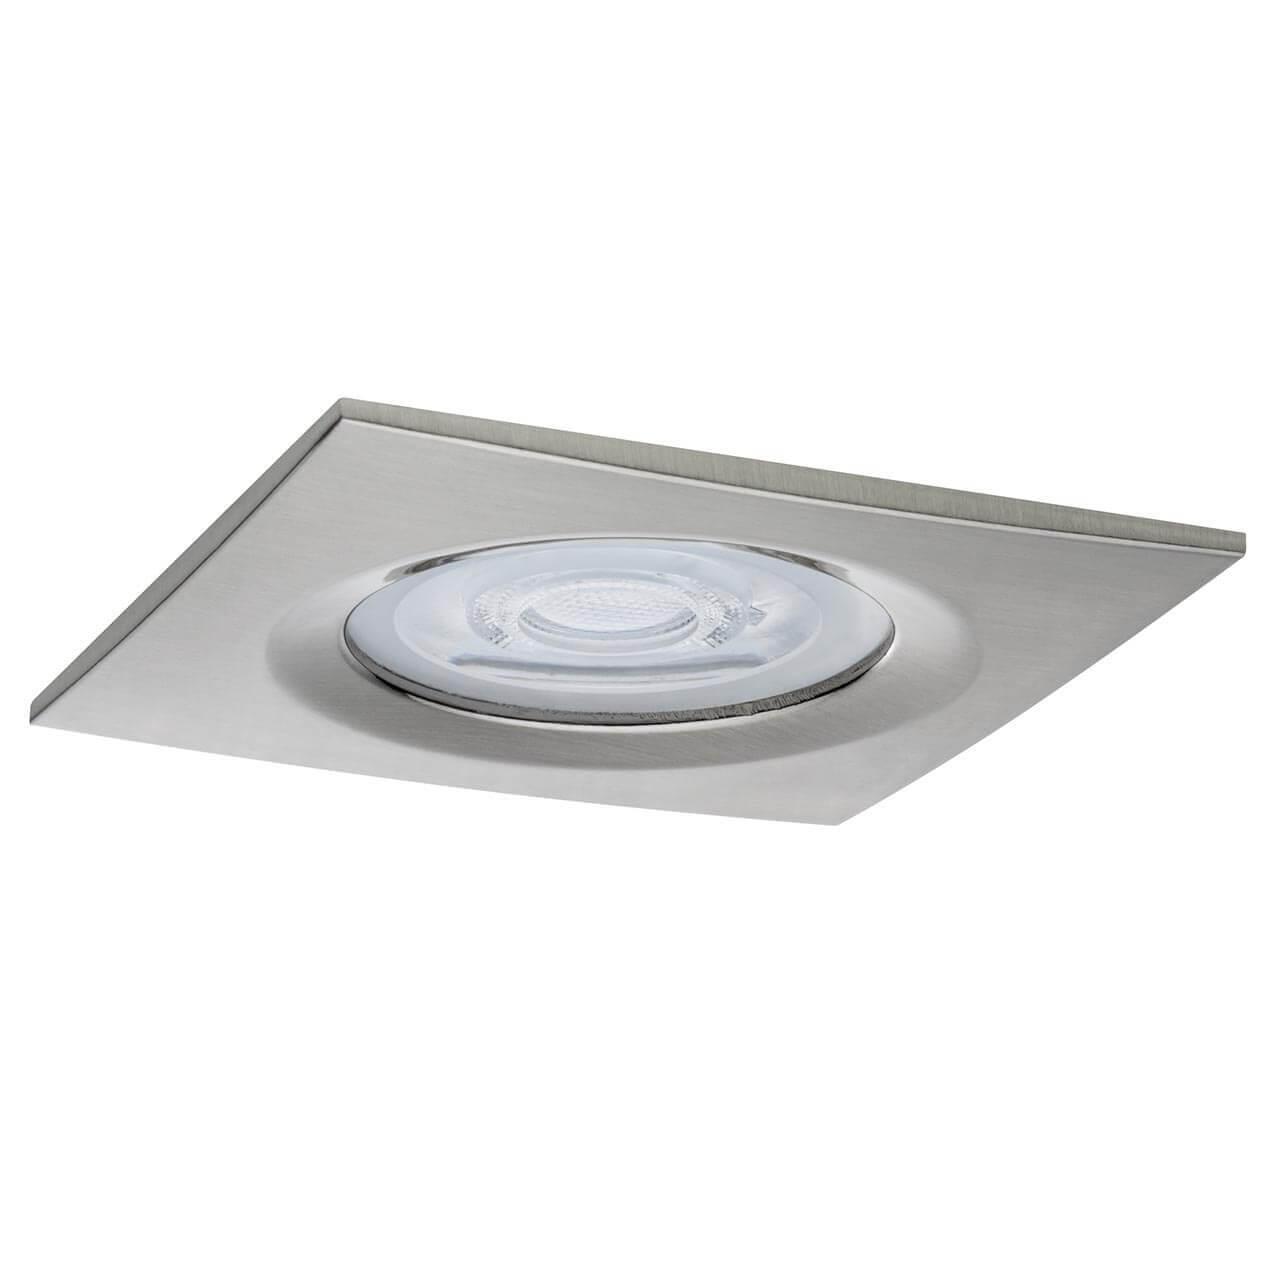 Встраиваемый светодиодный светильник Paulmann Nova 93611